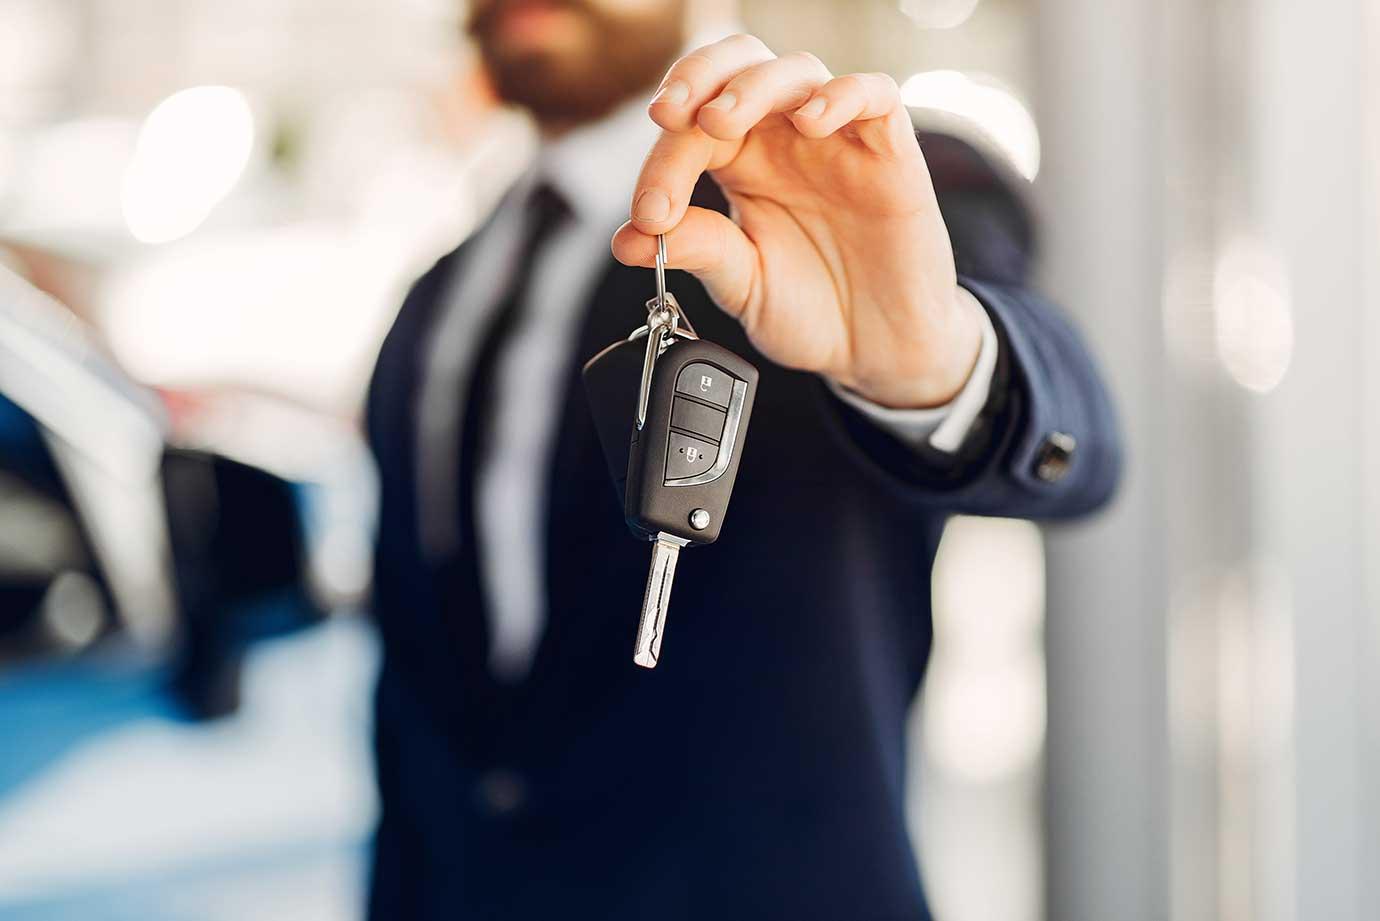 compra venta de vehículos entre particulares DGT